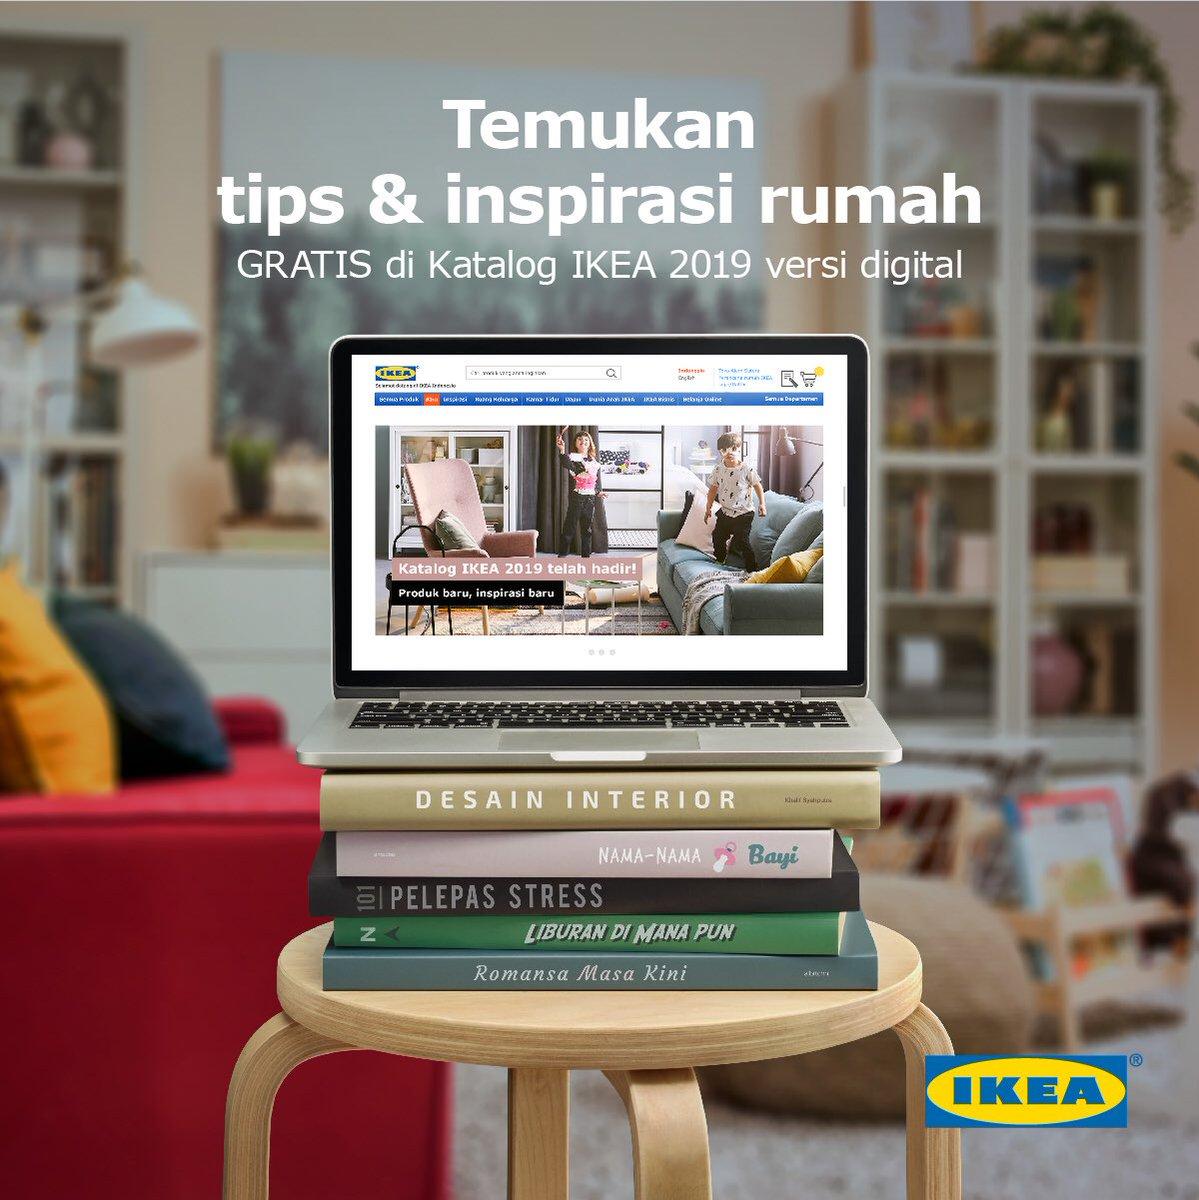 Ikea Indonesia On Twitter Katalog Ikea 2019 Telah Hadir